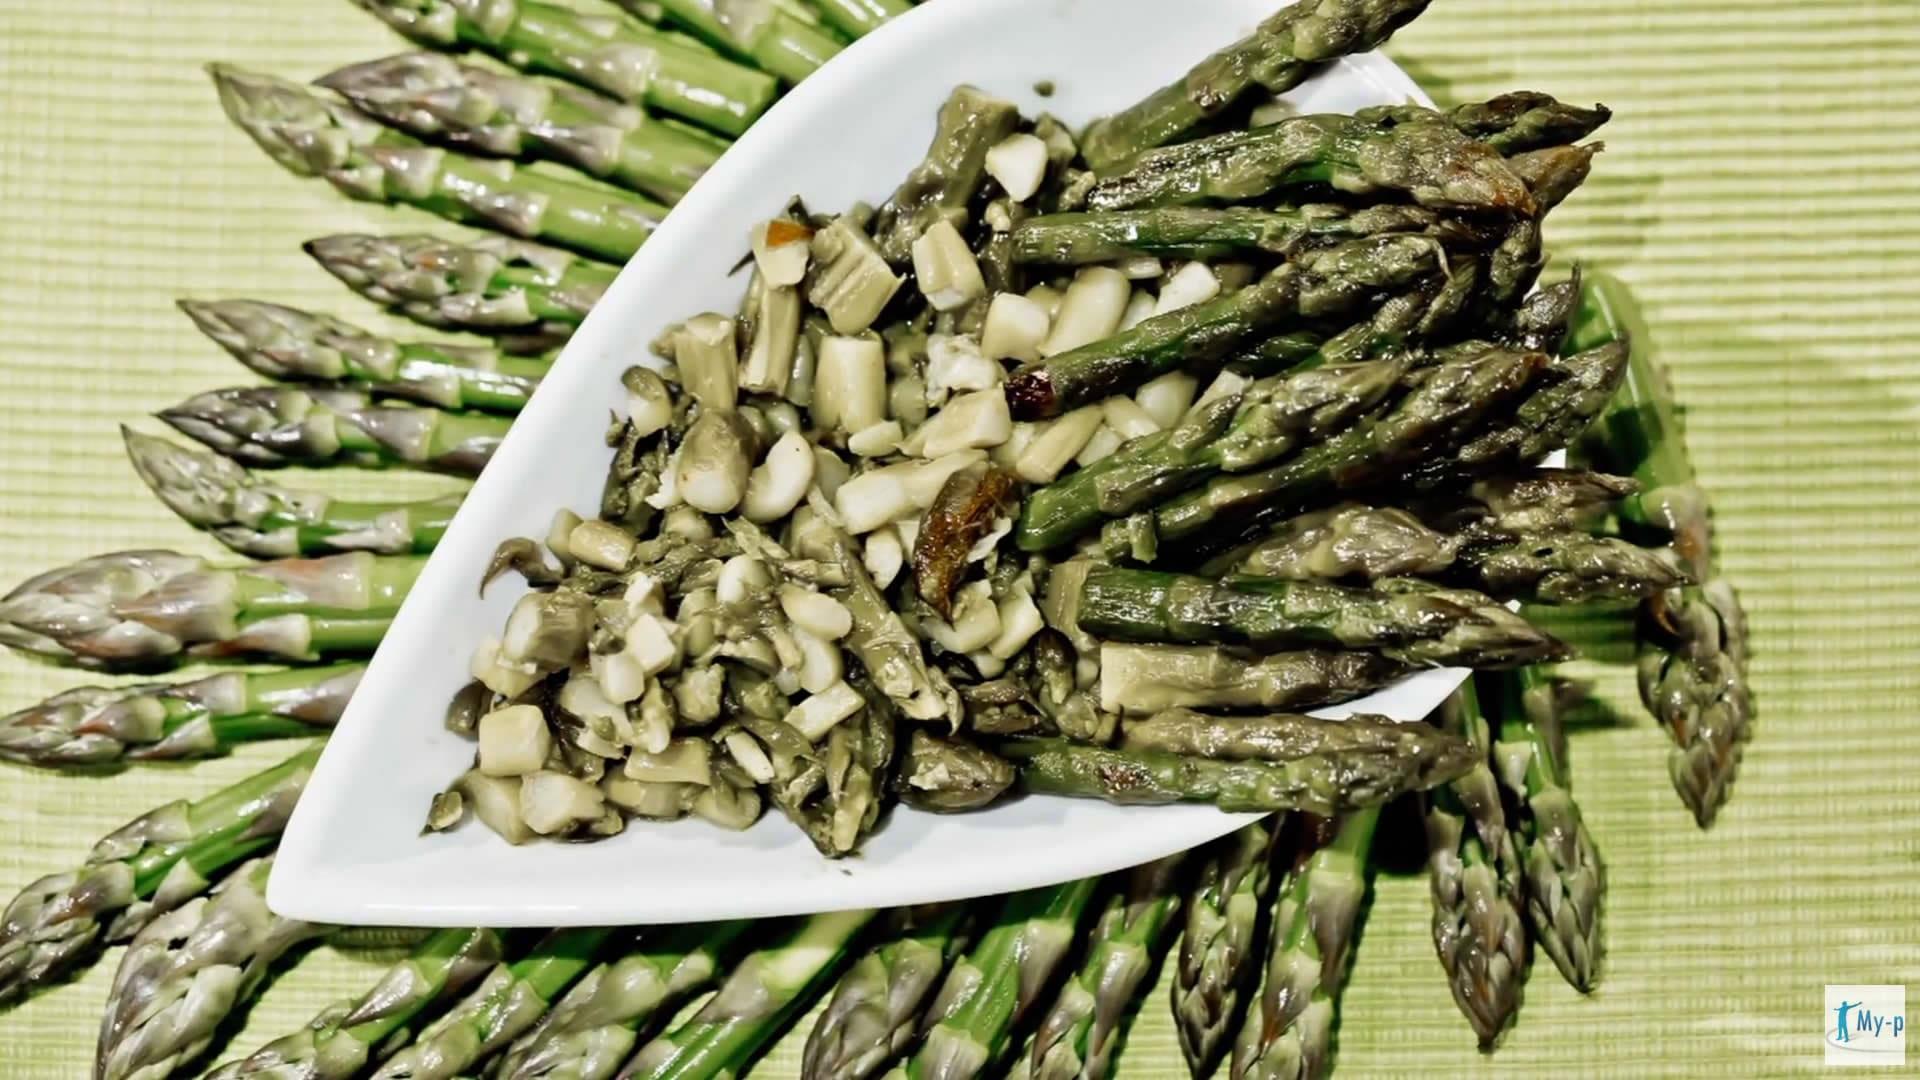 Foto Sugo di asparagi – pulire e cuocere gli asparagi